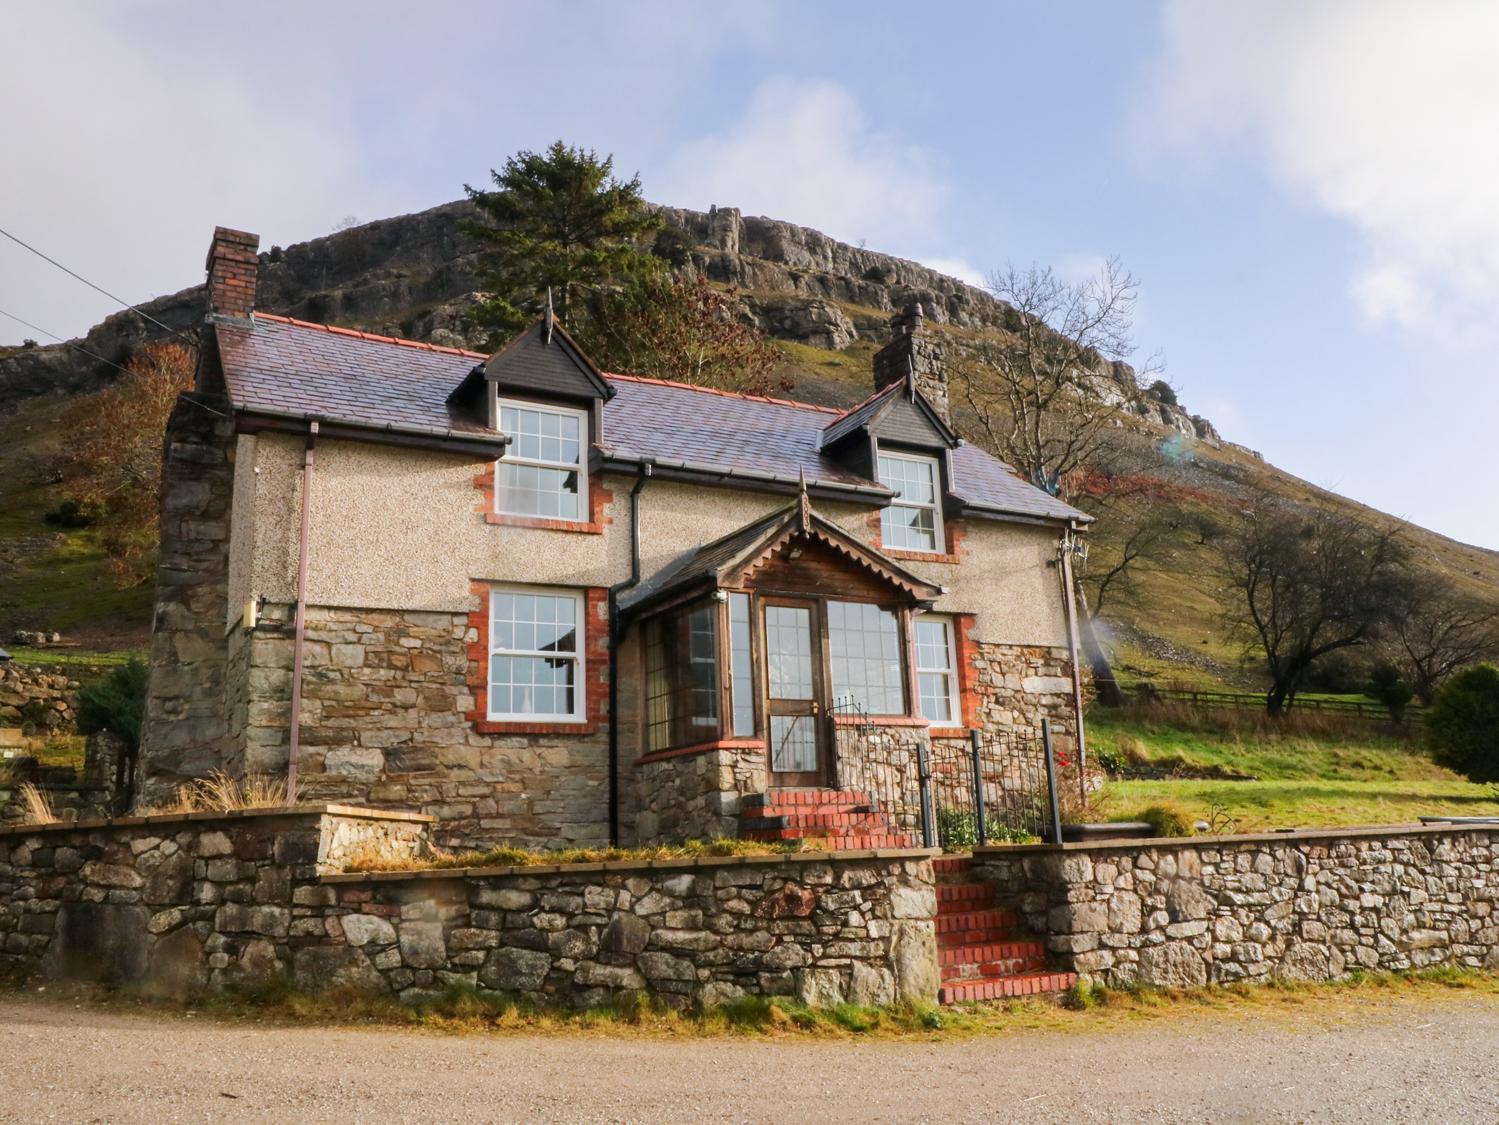 The Panorama Farmhouse